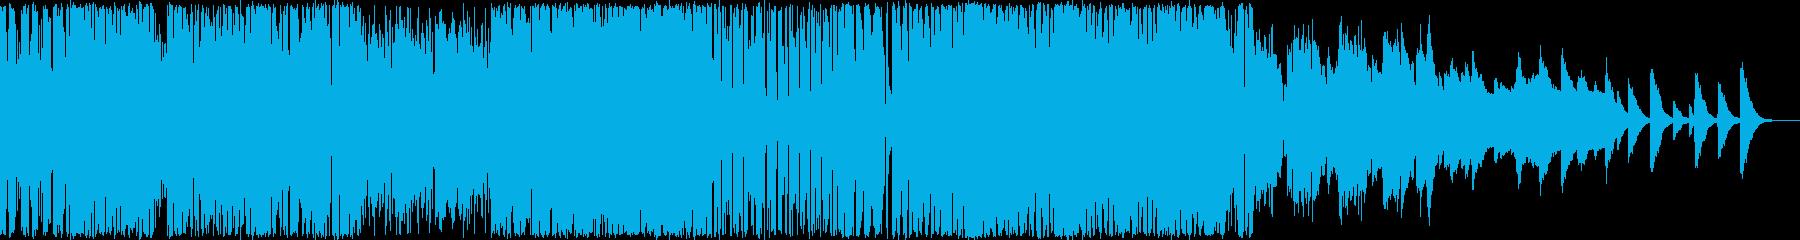 ハイテンションなピコピコシンセBGMの再生済みの波形